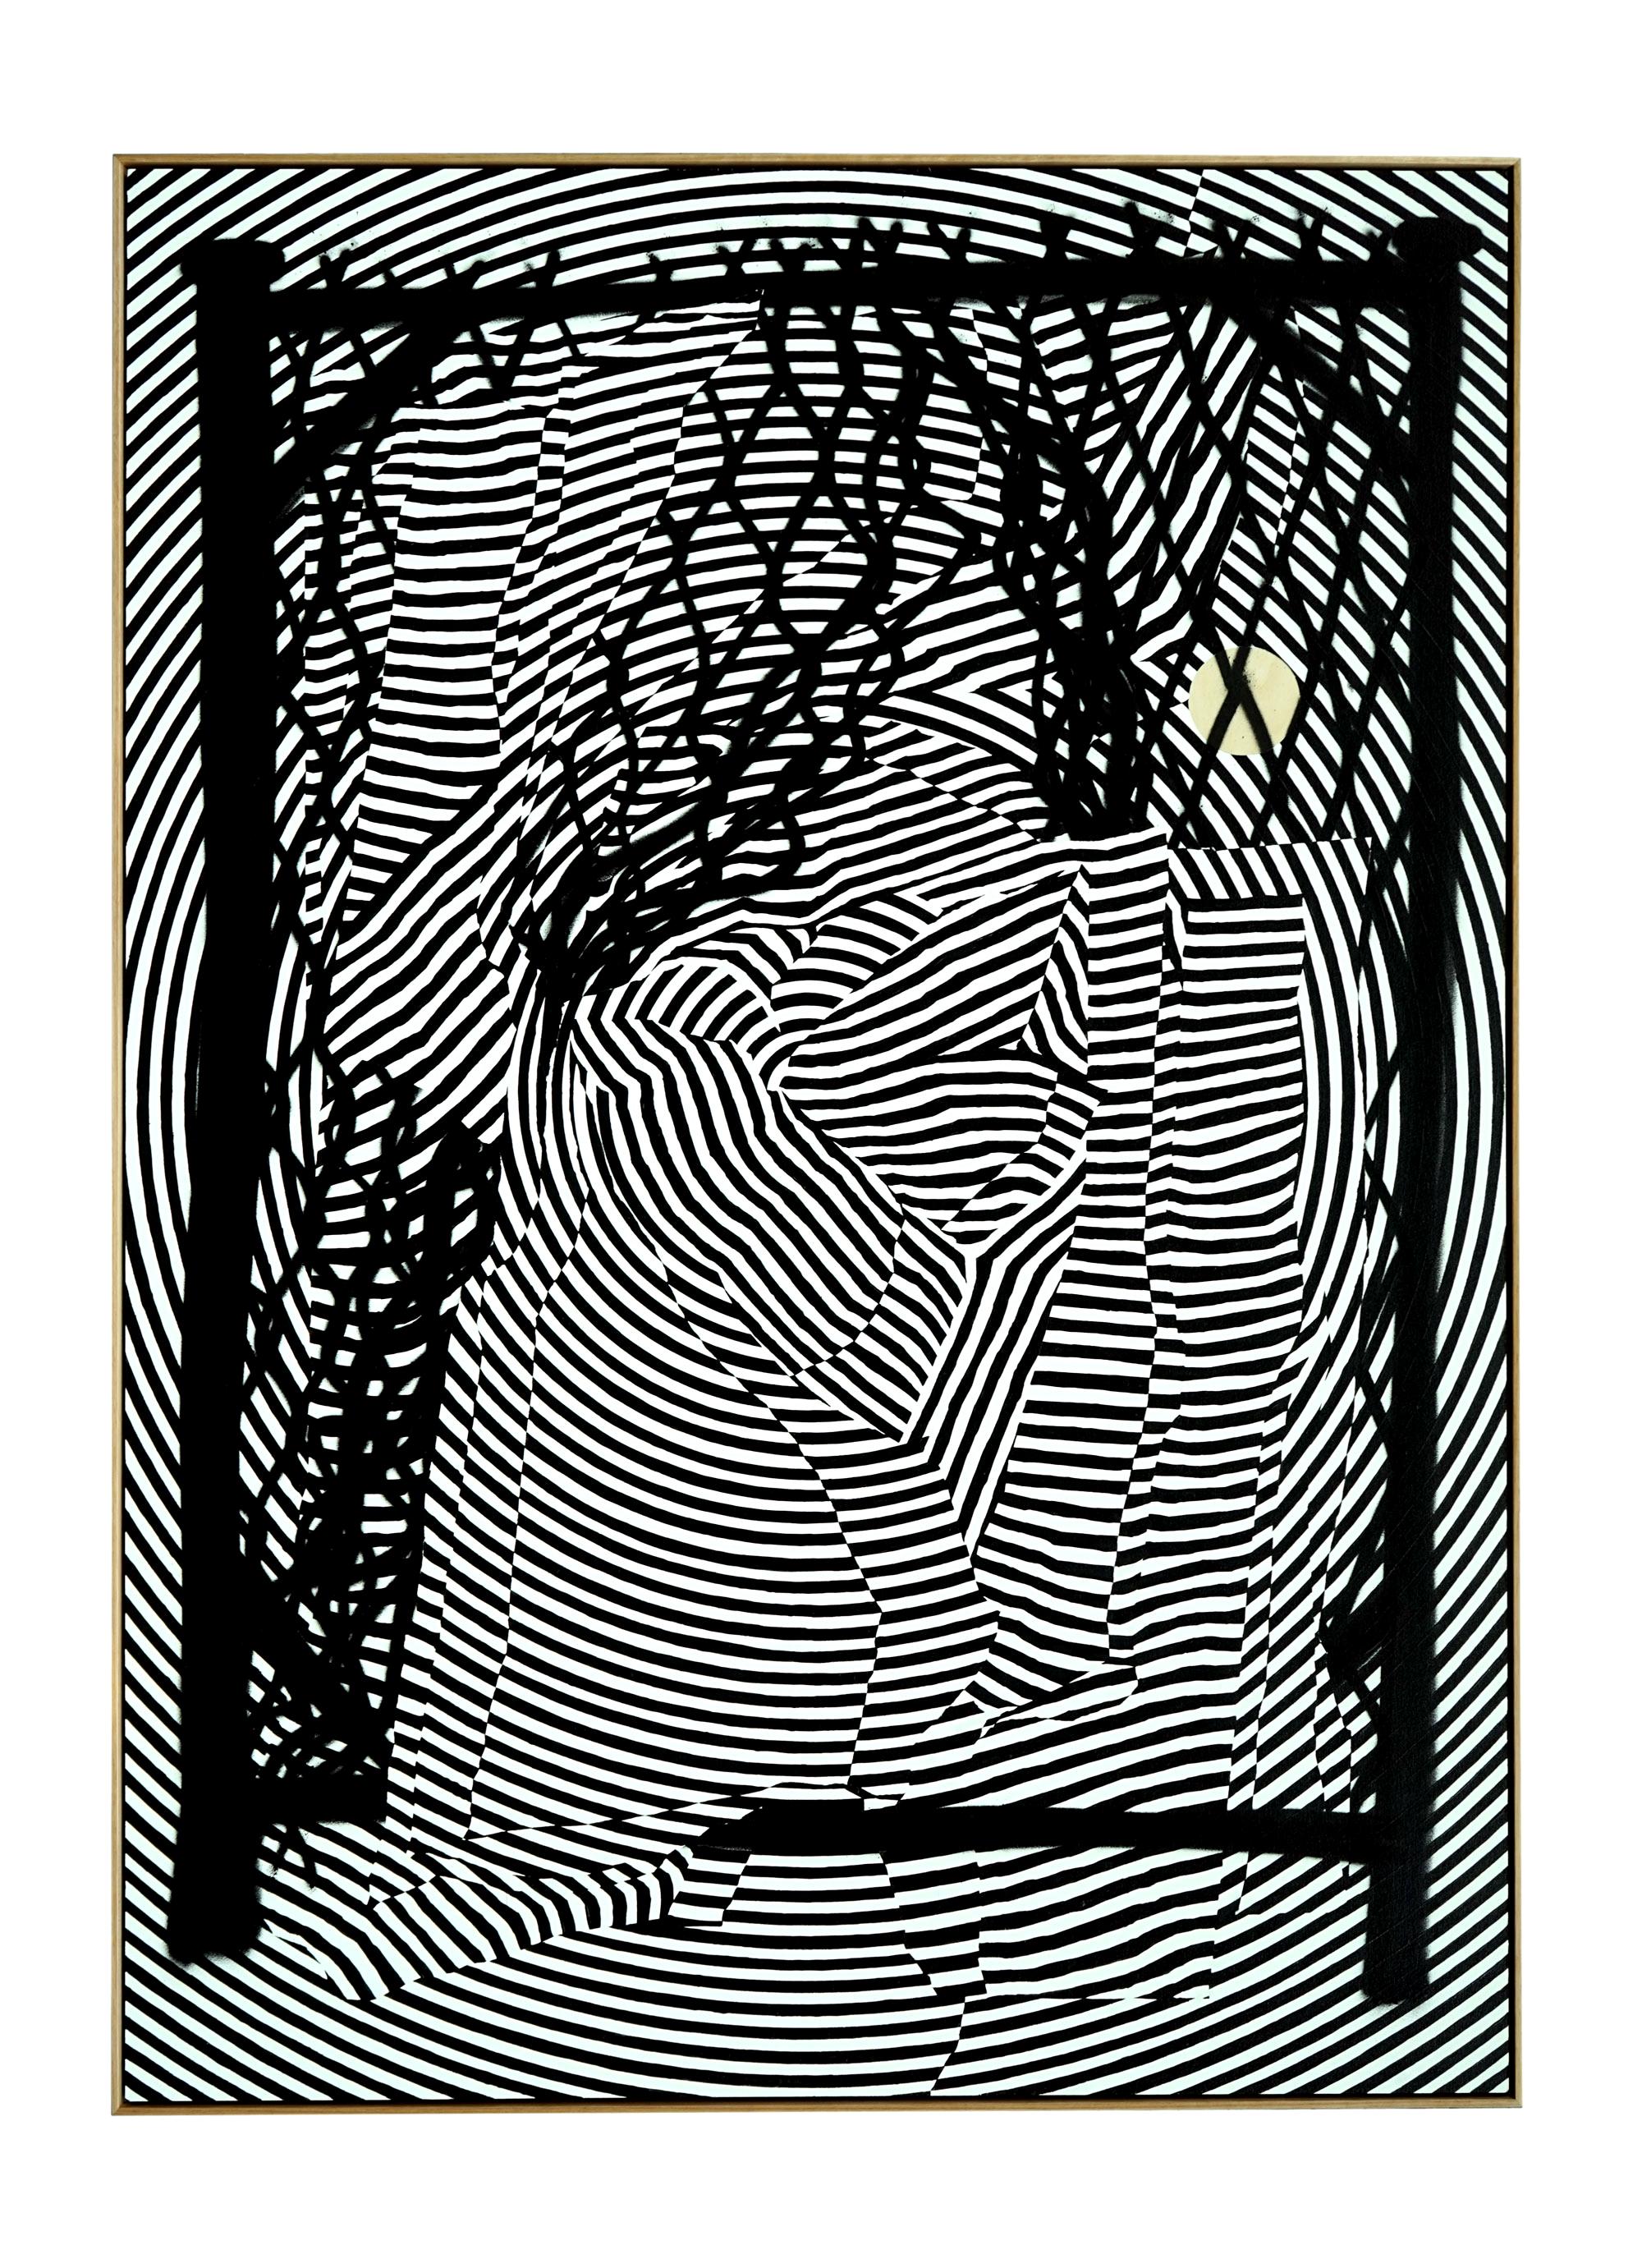 Final-Artwork-'Constant-And-Conscious-Tom-Gerrard-and-Georgia-Hill.jpg